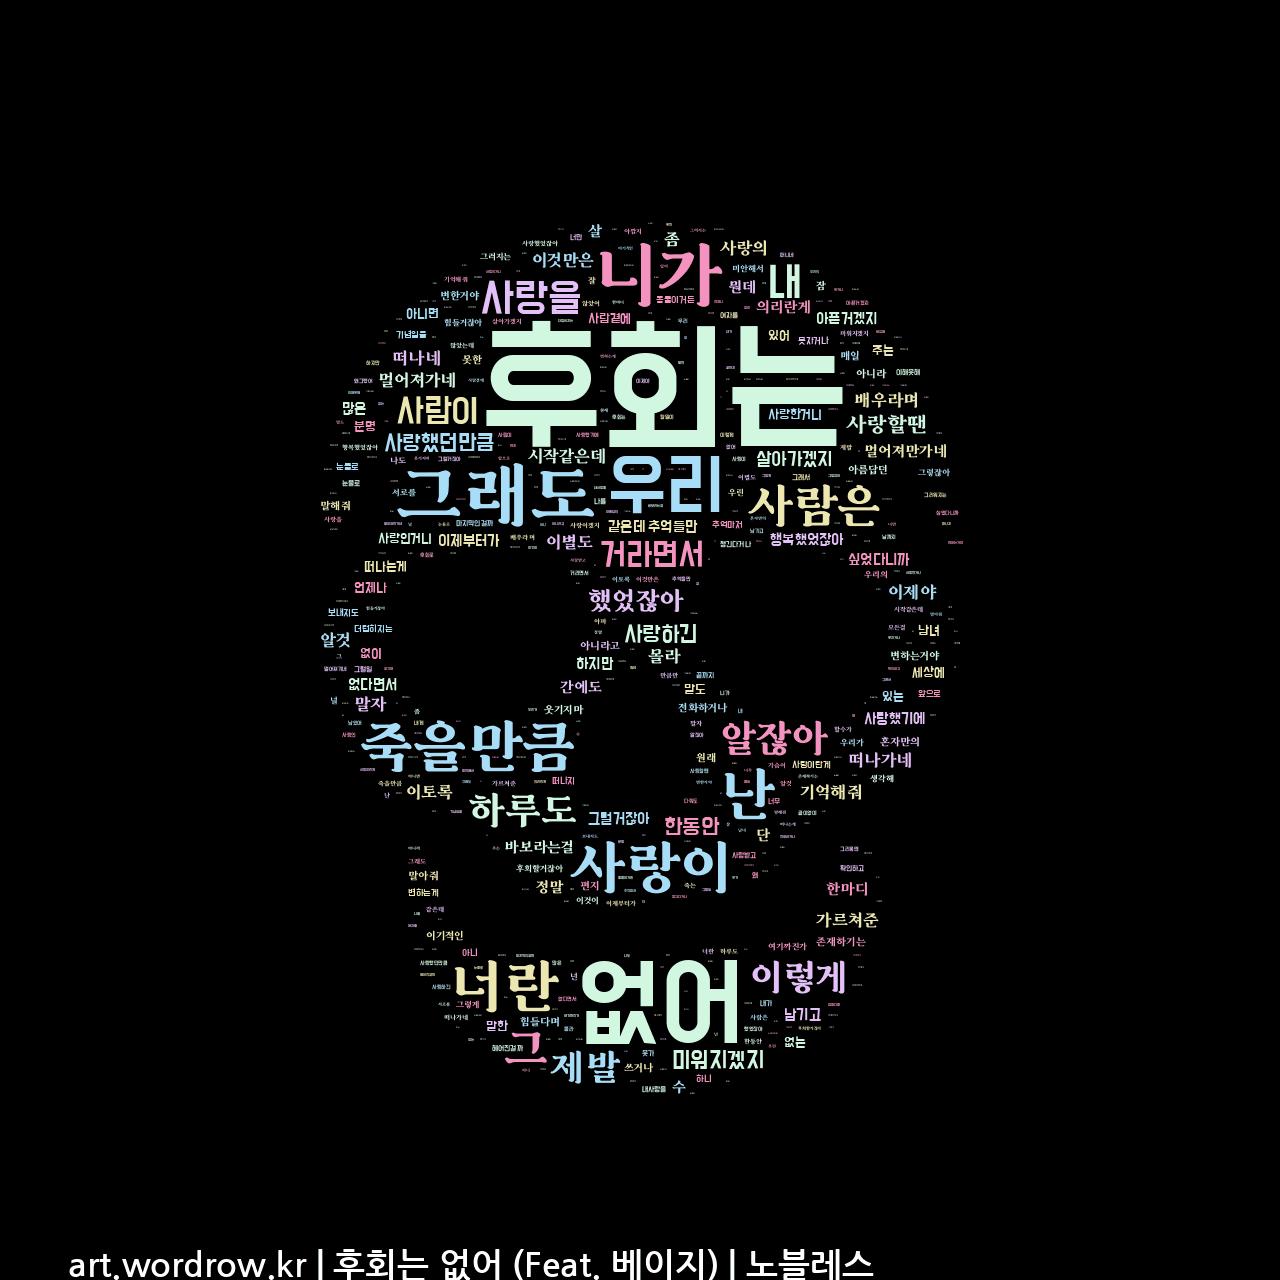 워드 아트: 후회는 없어 (Feat. 베이지) [노블레스]-74